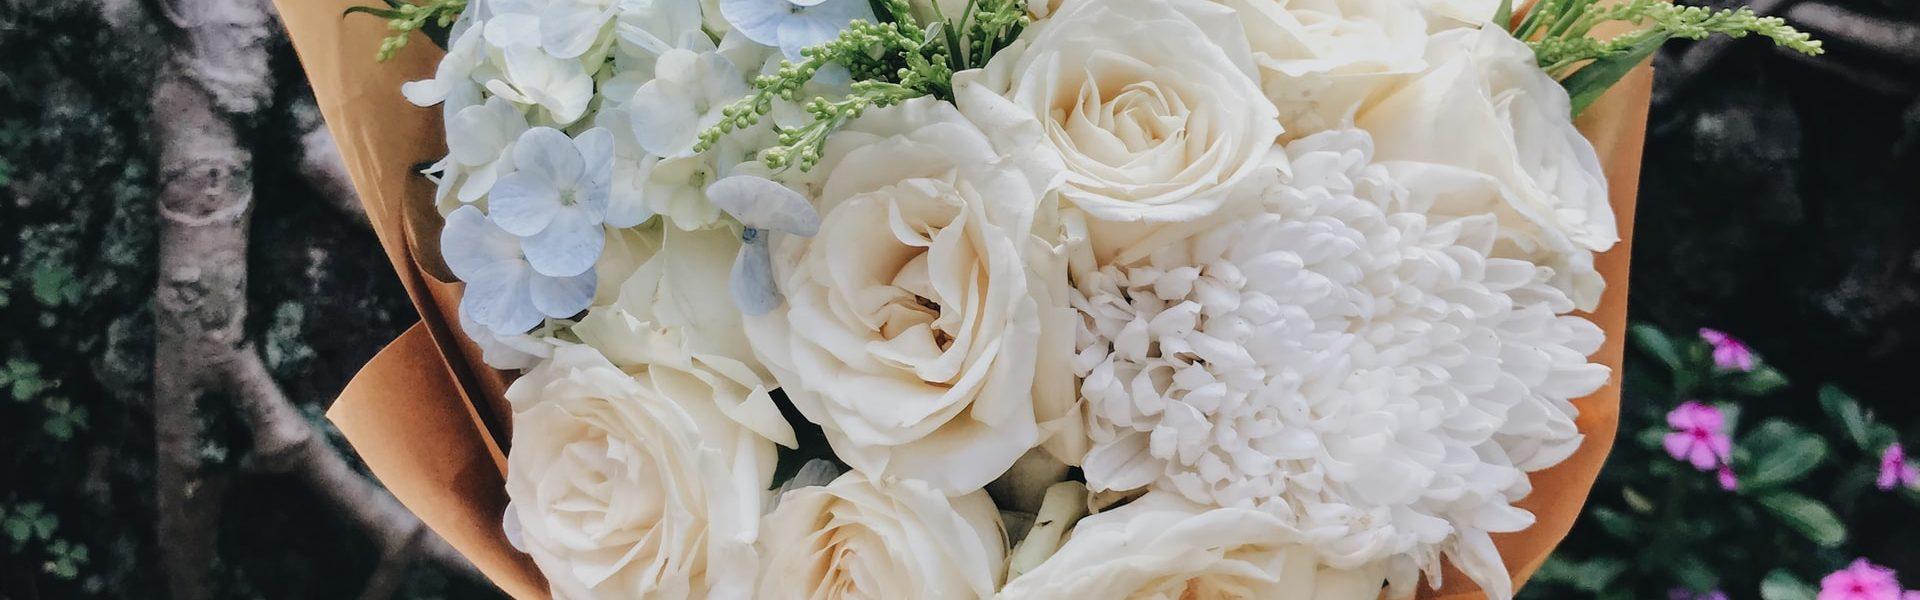 Waar koop jij je bloemen?